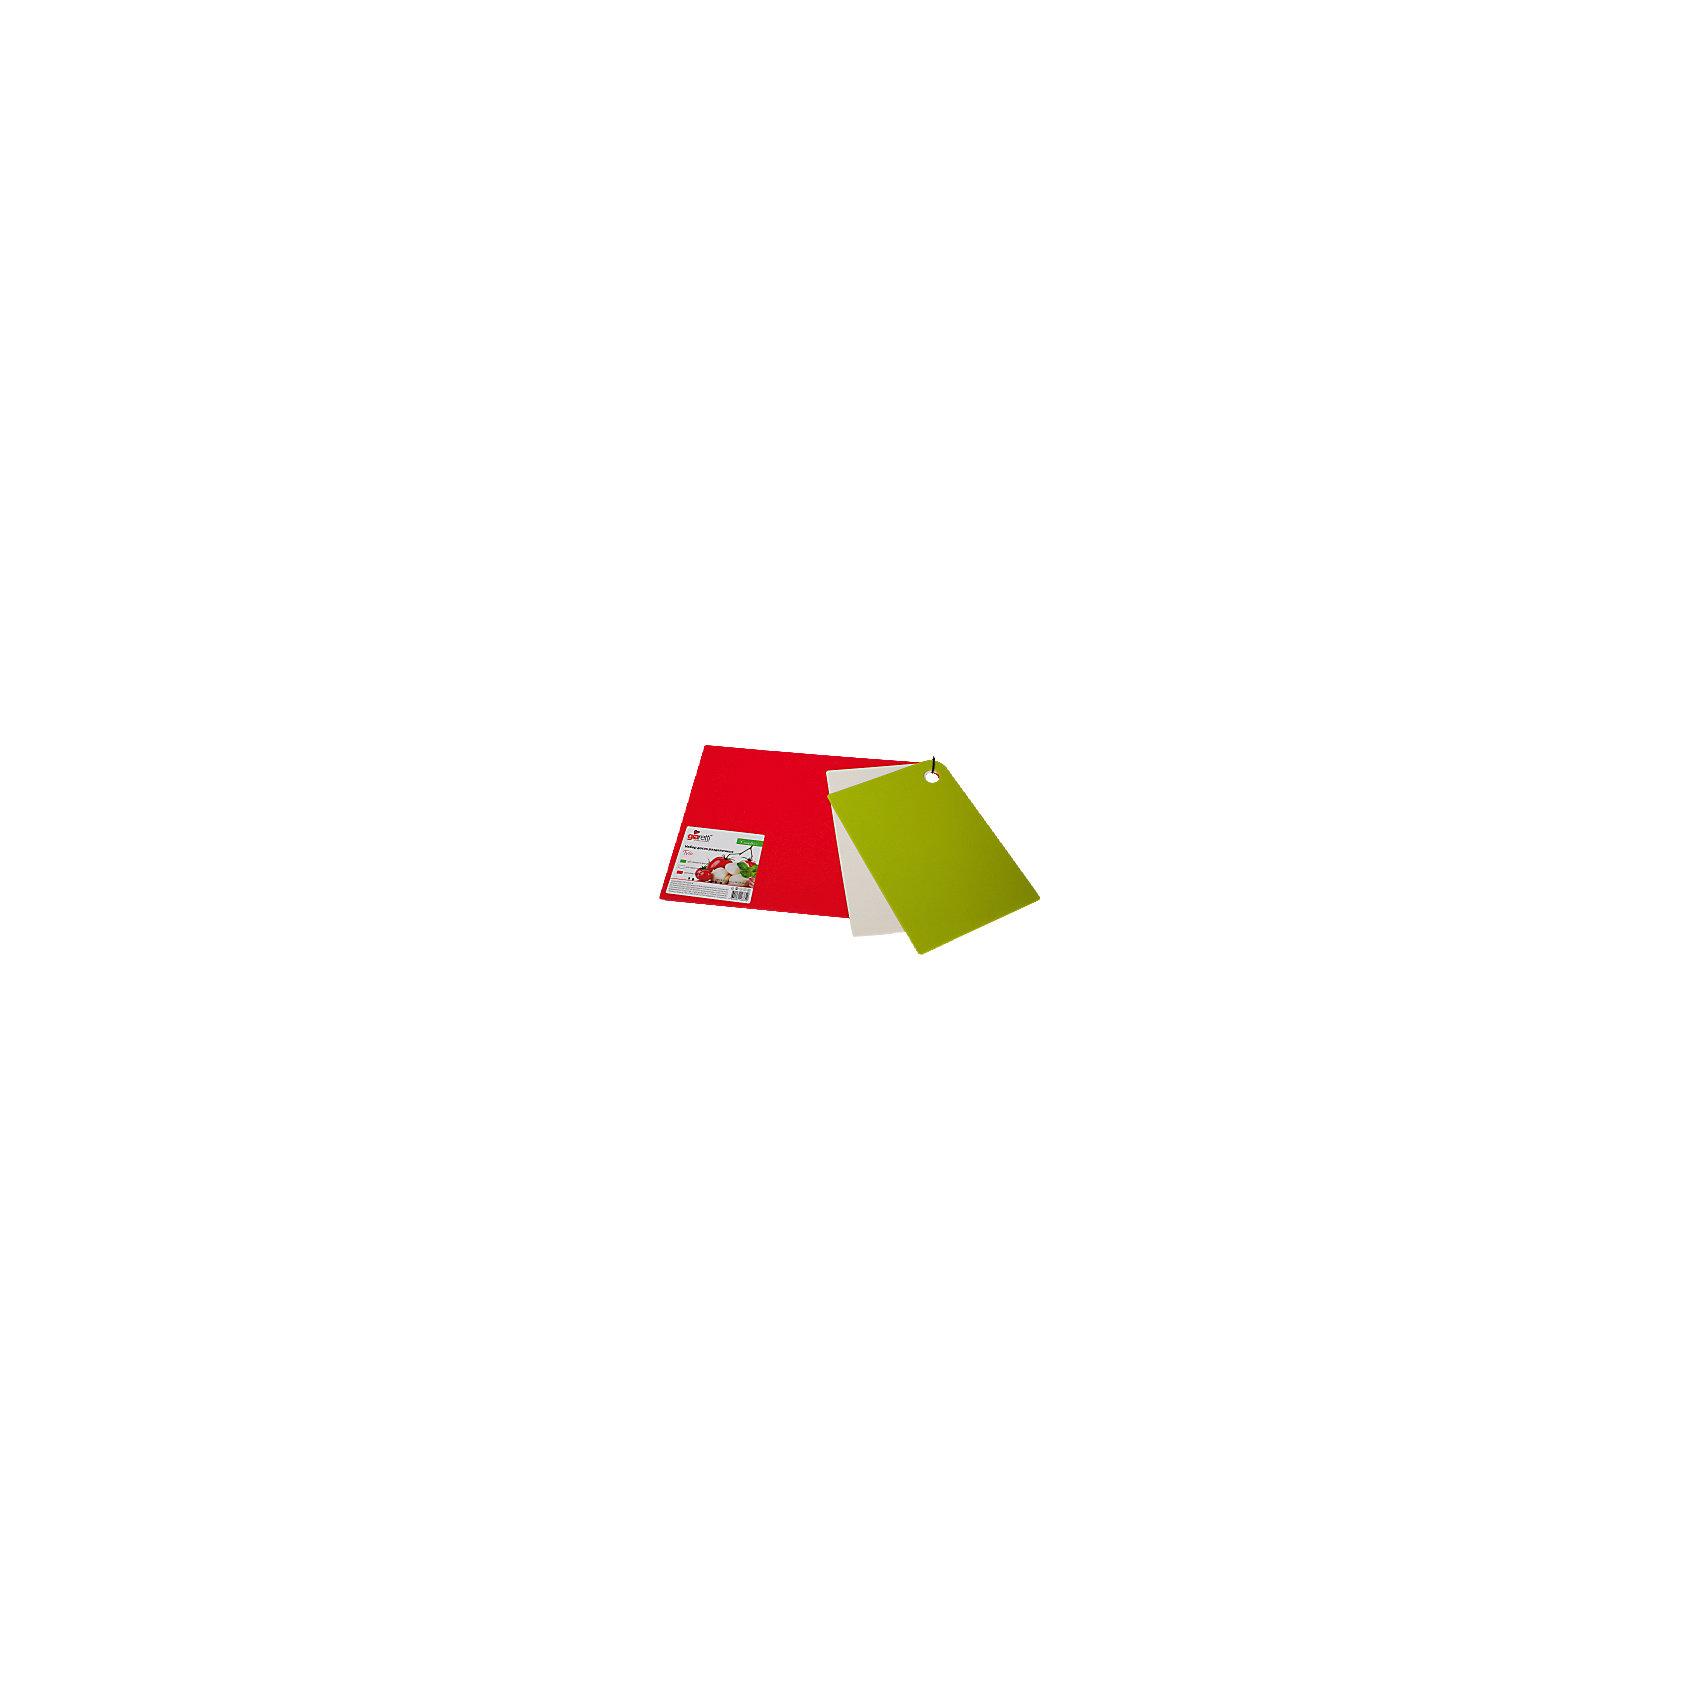 Набор досок разделочных Trio 25*17см (2 шт.) + 35*25 см (1 шт.), GiarettiПосуда<br>Набор досок разделочных Trio 25*17см (2 шт.) + 35*25 см (1 шт.), Giaretti<br><br>Характеристики:<br><br>• Цвет: зеленый, белый, красный<br>• Материал: пластик<br>• В комплекте: 3 штуки<br>• Размер: 25х17 (2 доски) и 35х25 (одна доска) см<br><br>Эти компактные разделочные доски от Giaretti позволят вам легко навести порядок на вашей кухне и не отвлекаться на мелочи. Благодаря своей гибкости, эти доски можно использовать, чтобы переложить нарезанные ингредиенты, не рассыпав содержимое. Изготовлены они из высококачественного пищевого пластика, который безопасен  для здоровья. В комплекте три штуки разных размеров для большего удобства.<br><br>Набор досок разделочных Trio 25*17см (2 шт.) + 35*25 см (1 шт.), Giaretti можно купить в нашем интернет-магазине.<br><br>Ширина мм: 350<br>Глубина мм: 250<br>Высота мм: 6<br>Вес г: 358<br>Возраст от месяцев: 216<br>Возраст до месяцев: 1188<br>Пол: Унисекс<br>Возраст: Детский<br>SKU: 5545627